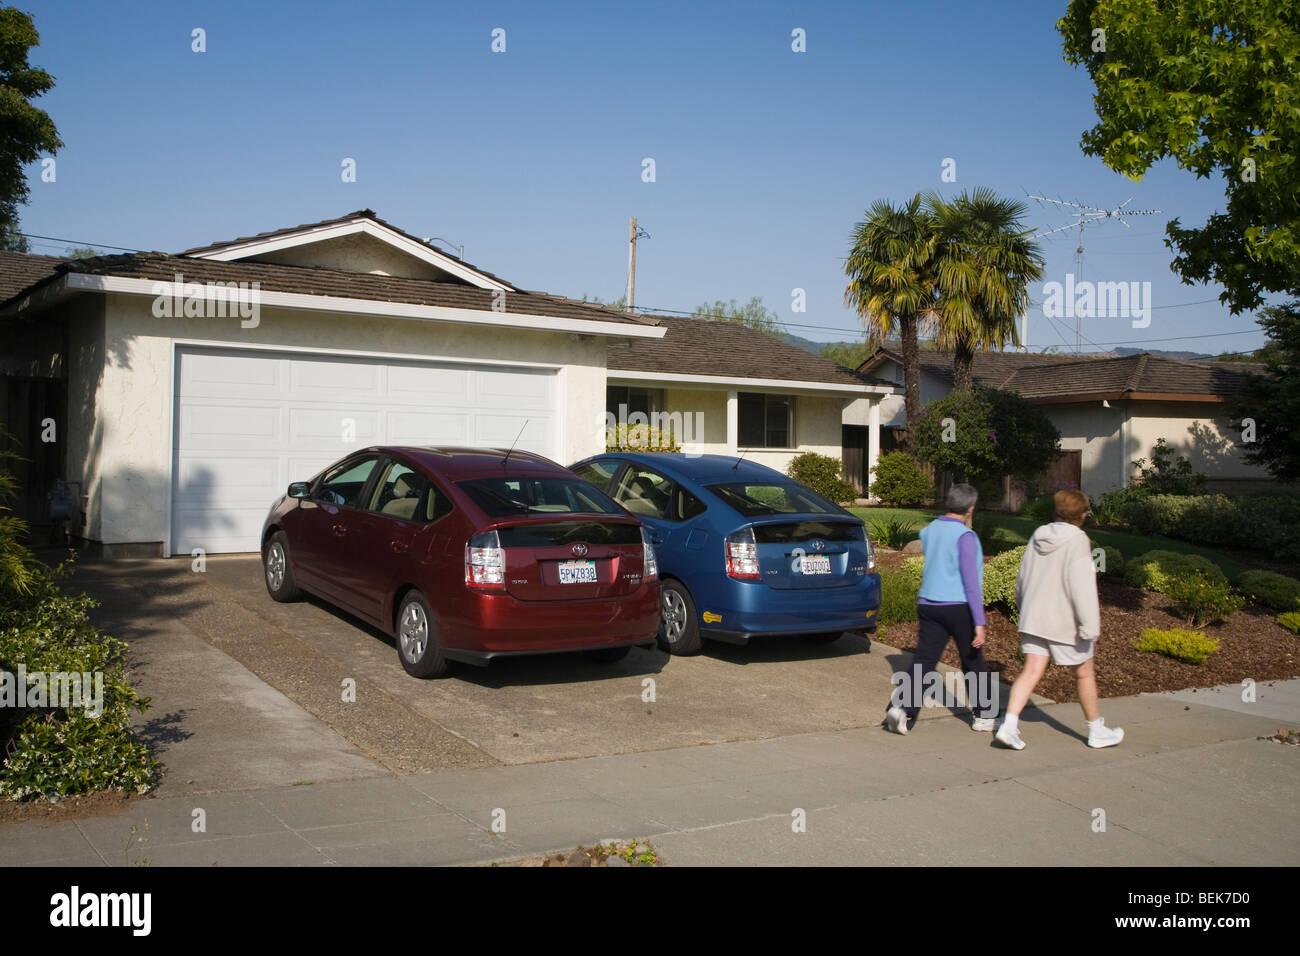 Deux personnes passer deux voitures hybrides Toyota Prius qui sont garées dans l'allée. Cupertino, Photo Stock